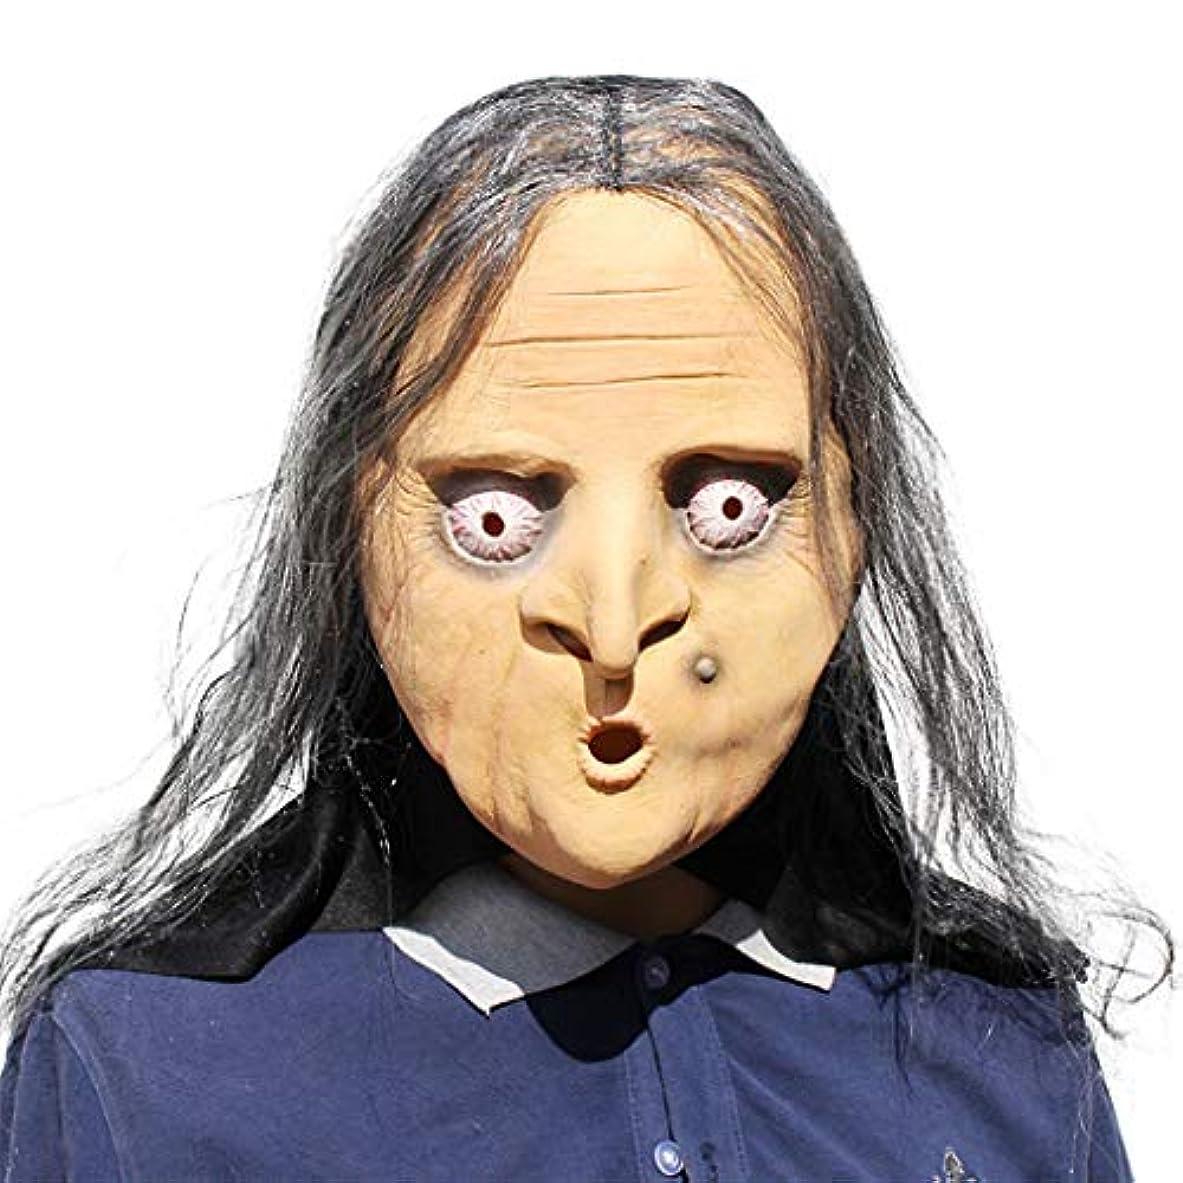 人間チョーク聡明ハロウィーンマスク、ラテックスマスク、なりすまし魔女怖い通気性快適なフード、ハロウィーン仮装用、ギフト、コスチュームパーティー、イースター